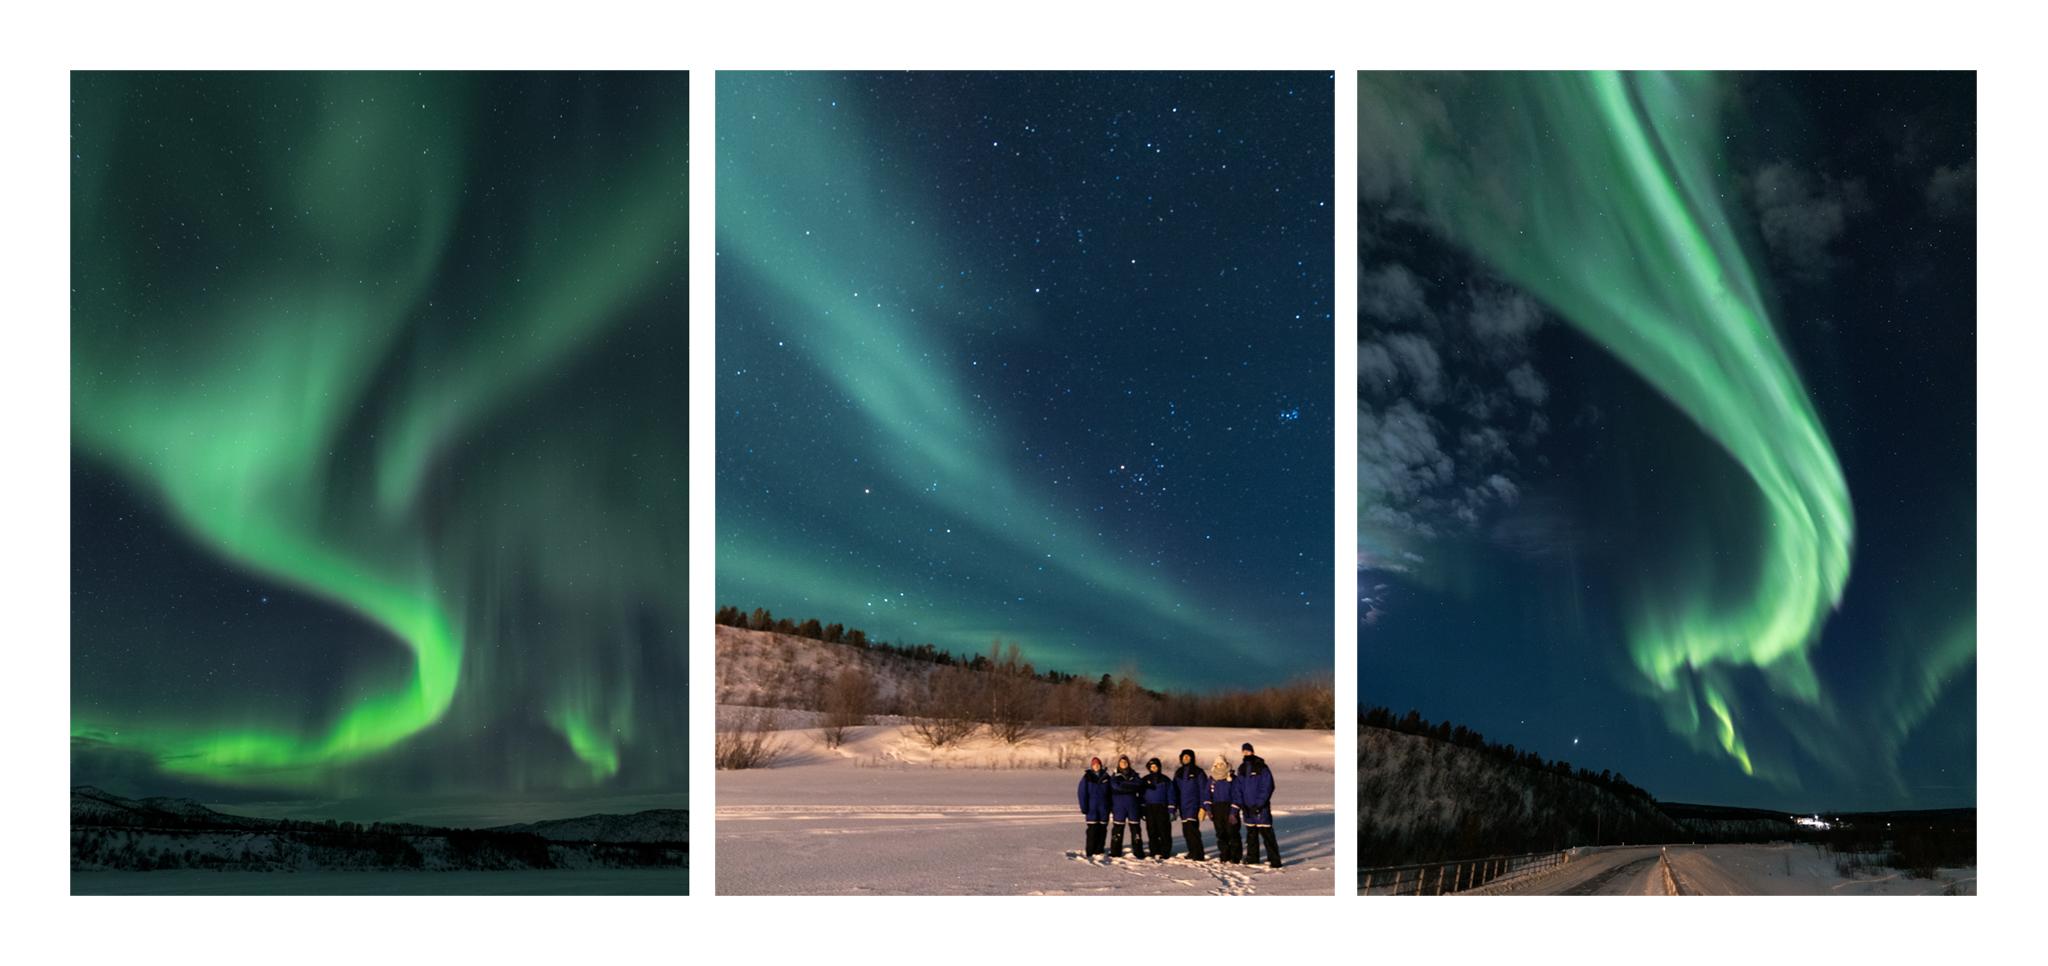 Viaggi di Gruppo  striscia-aurora [CONCLUSO] Autentico Natale in Lapponia: Da Venerdì 22 a Mercoledì 27 Dicembre 2017